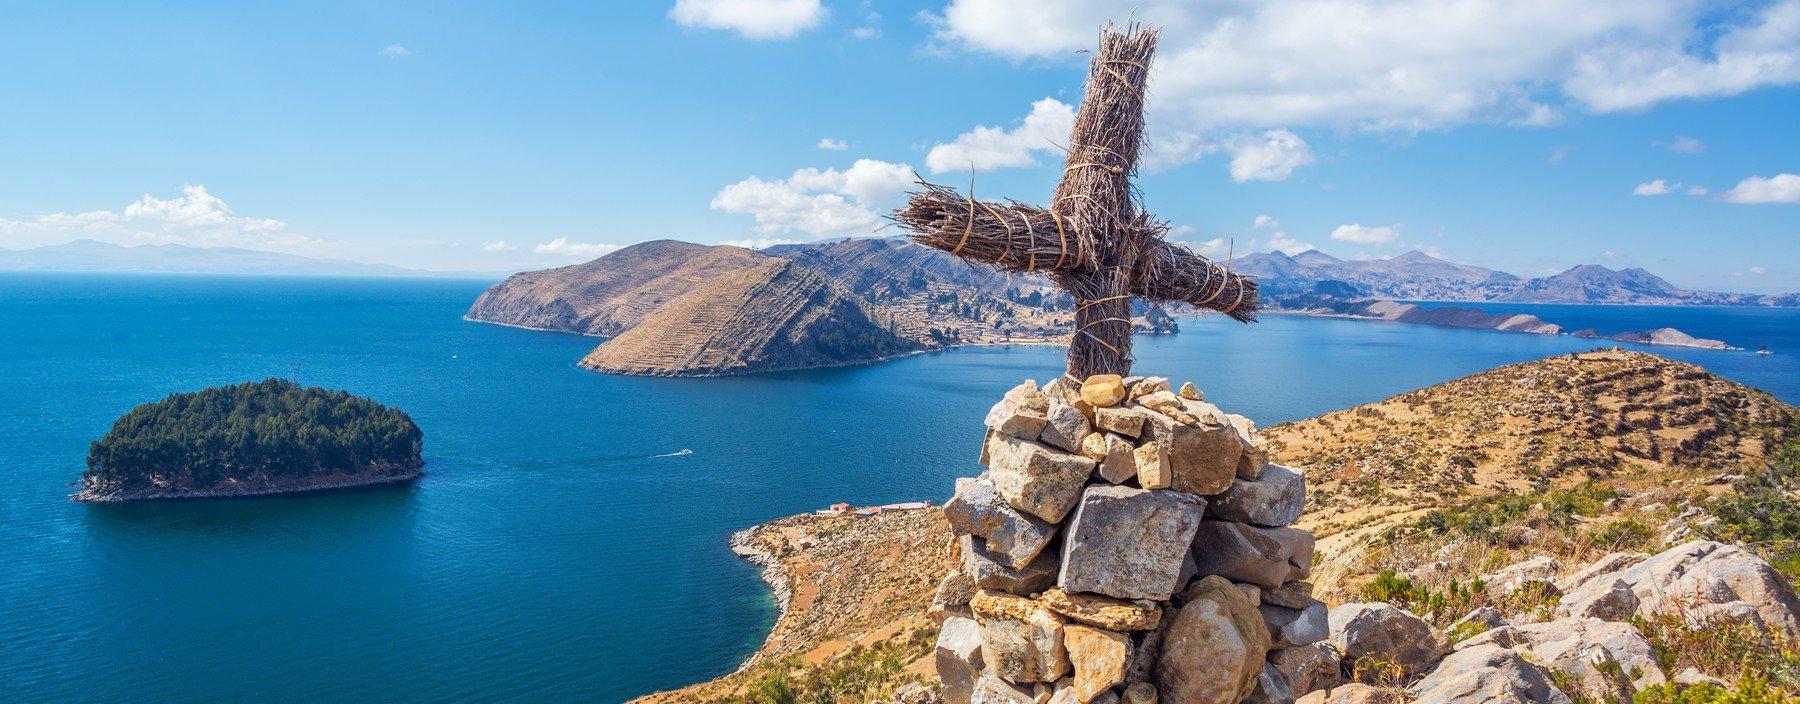 pe, titicaca lake, algemeen (5).jpg